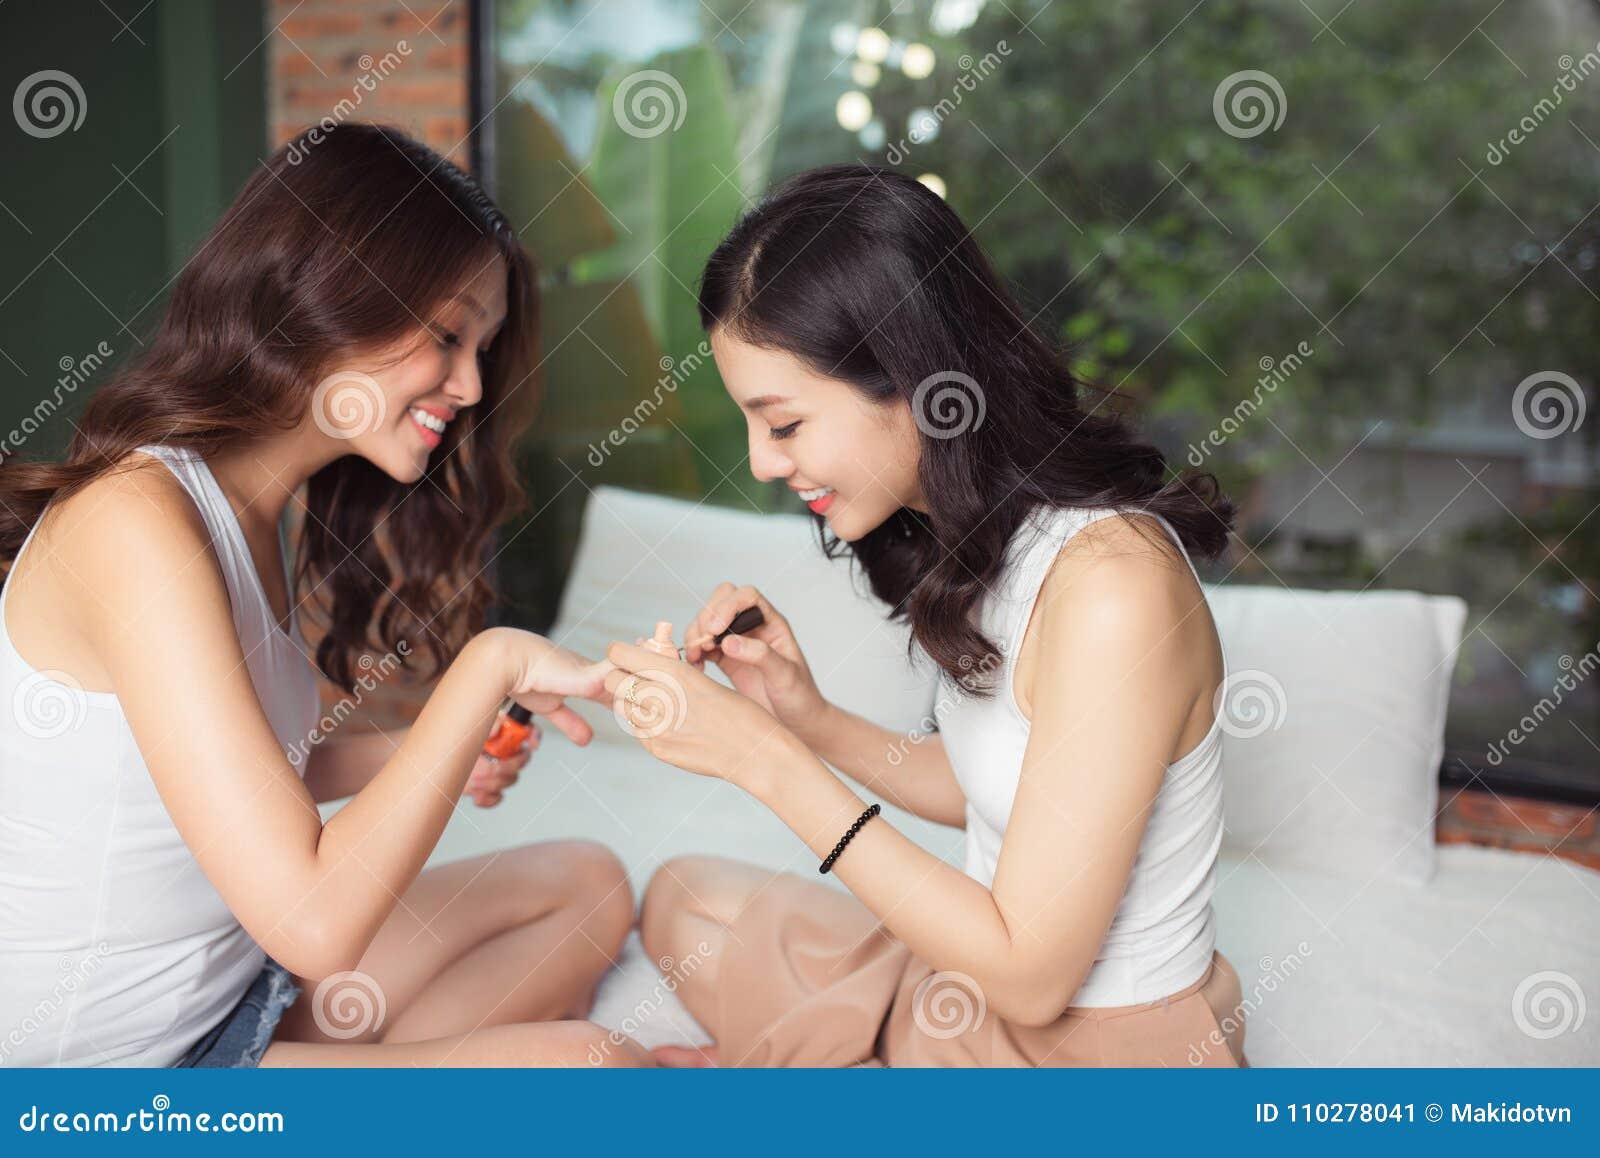 Пизду профессиональное фото азиатских девушек трах